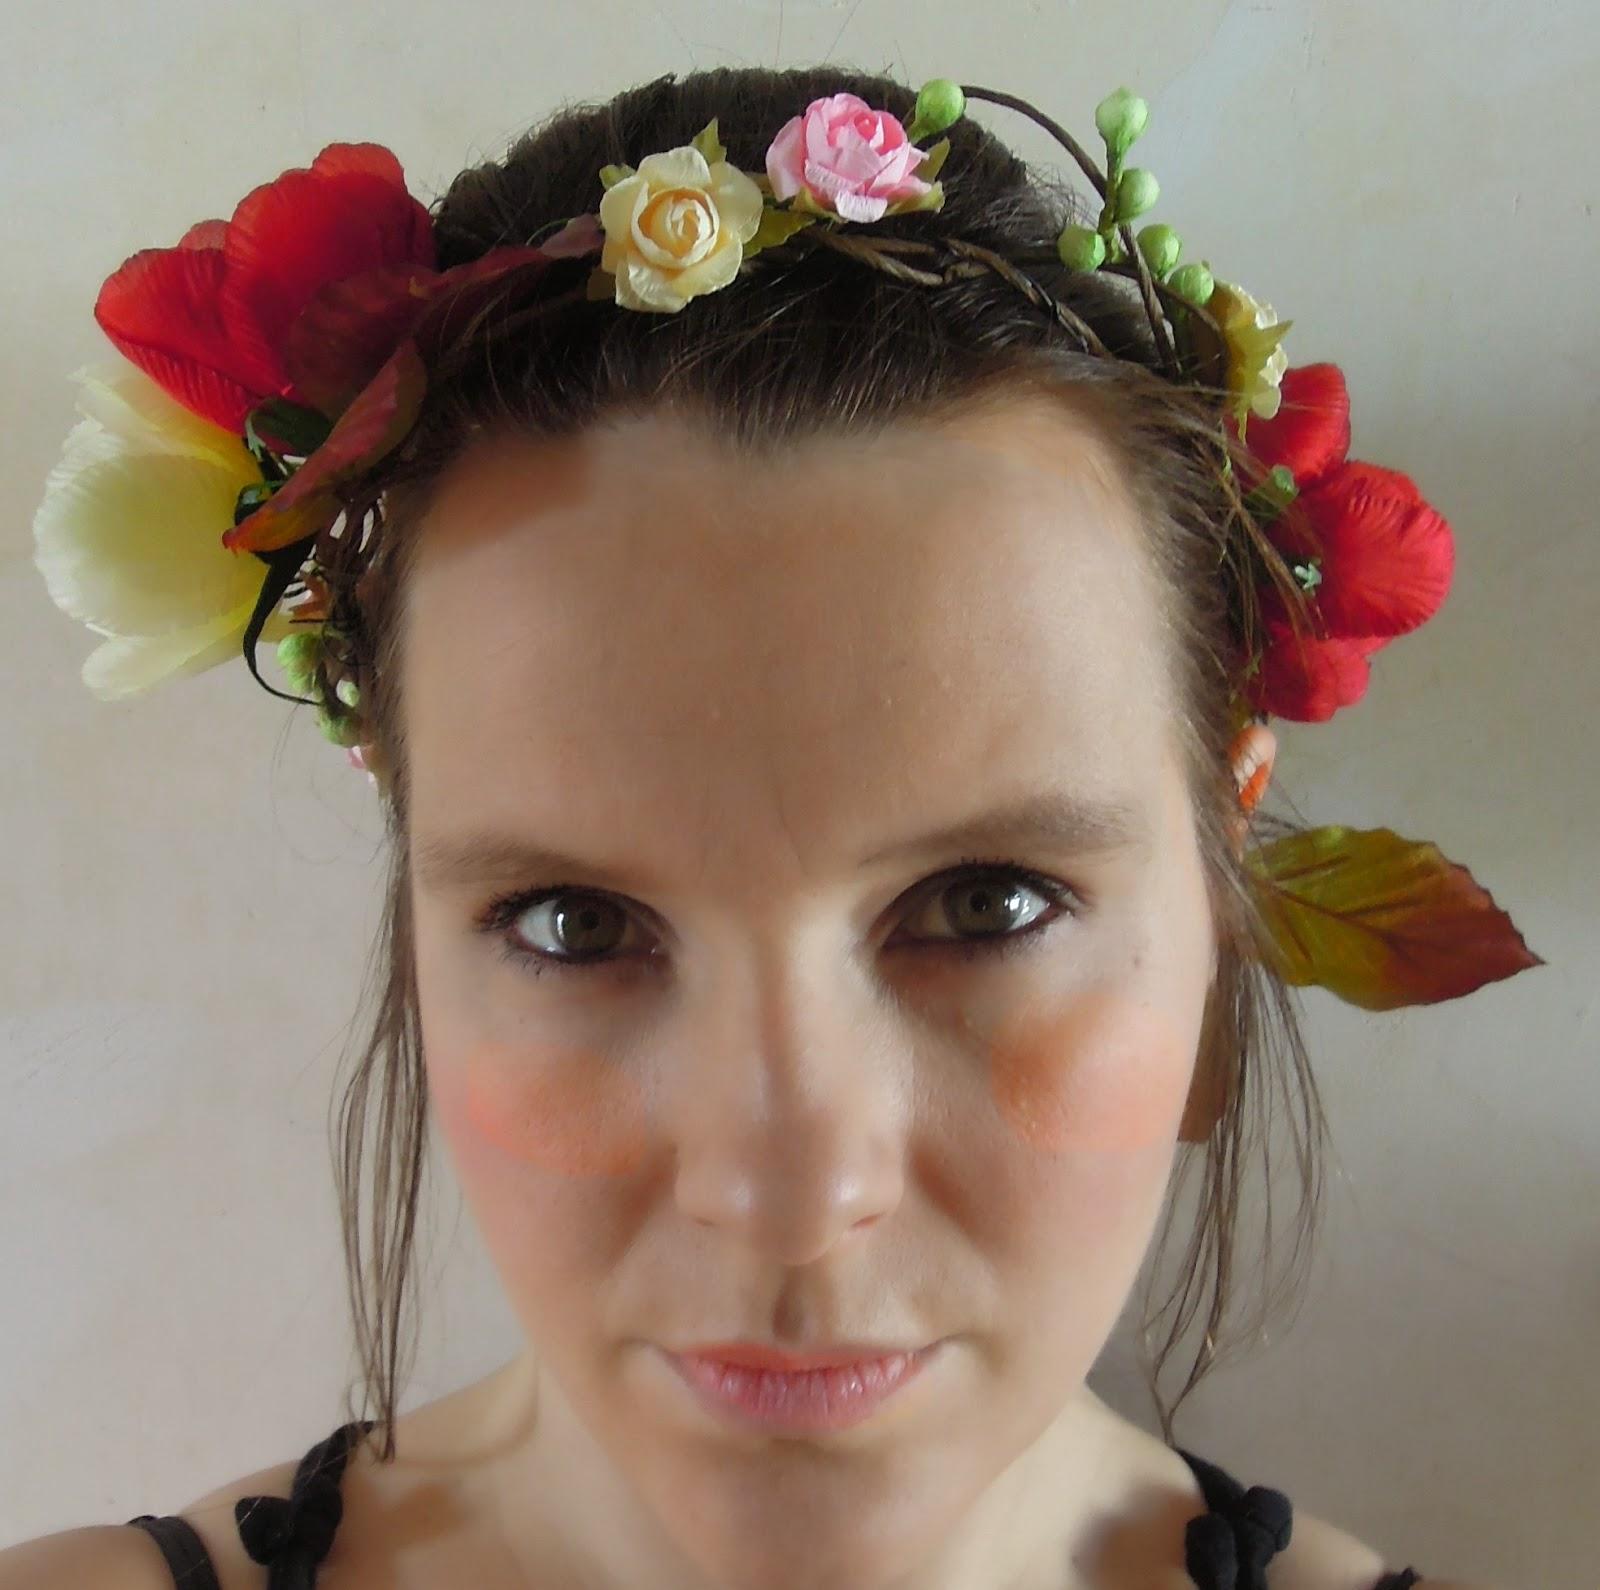 Rap nzel is a mermaid couronne de fleurs diy tuto - Tuto couronne de fleur ...